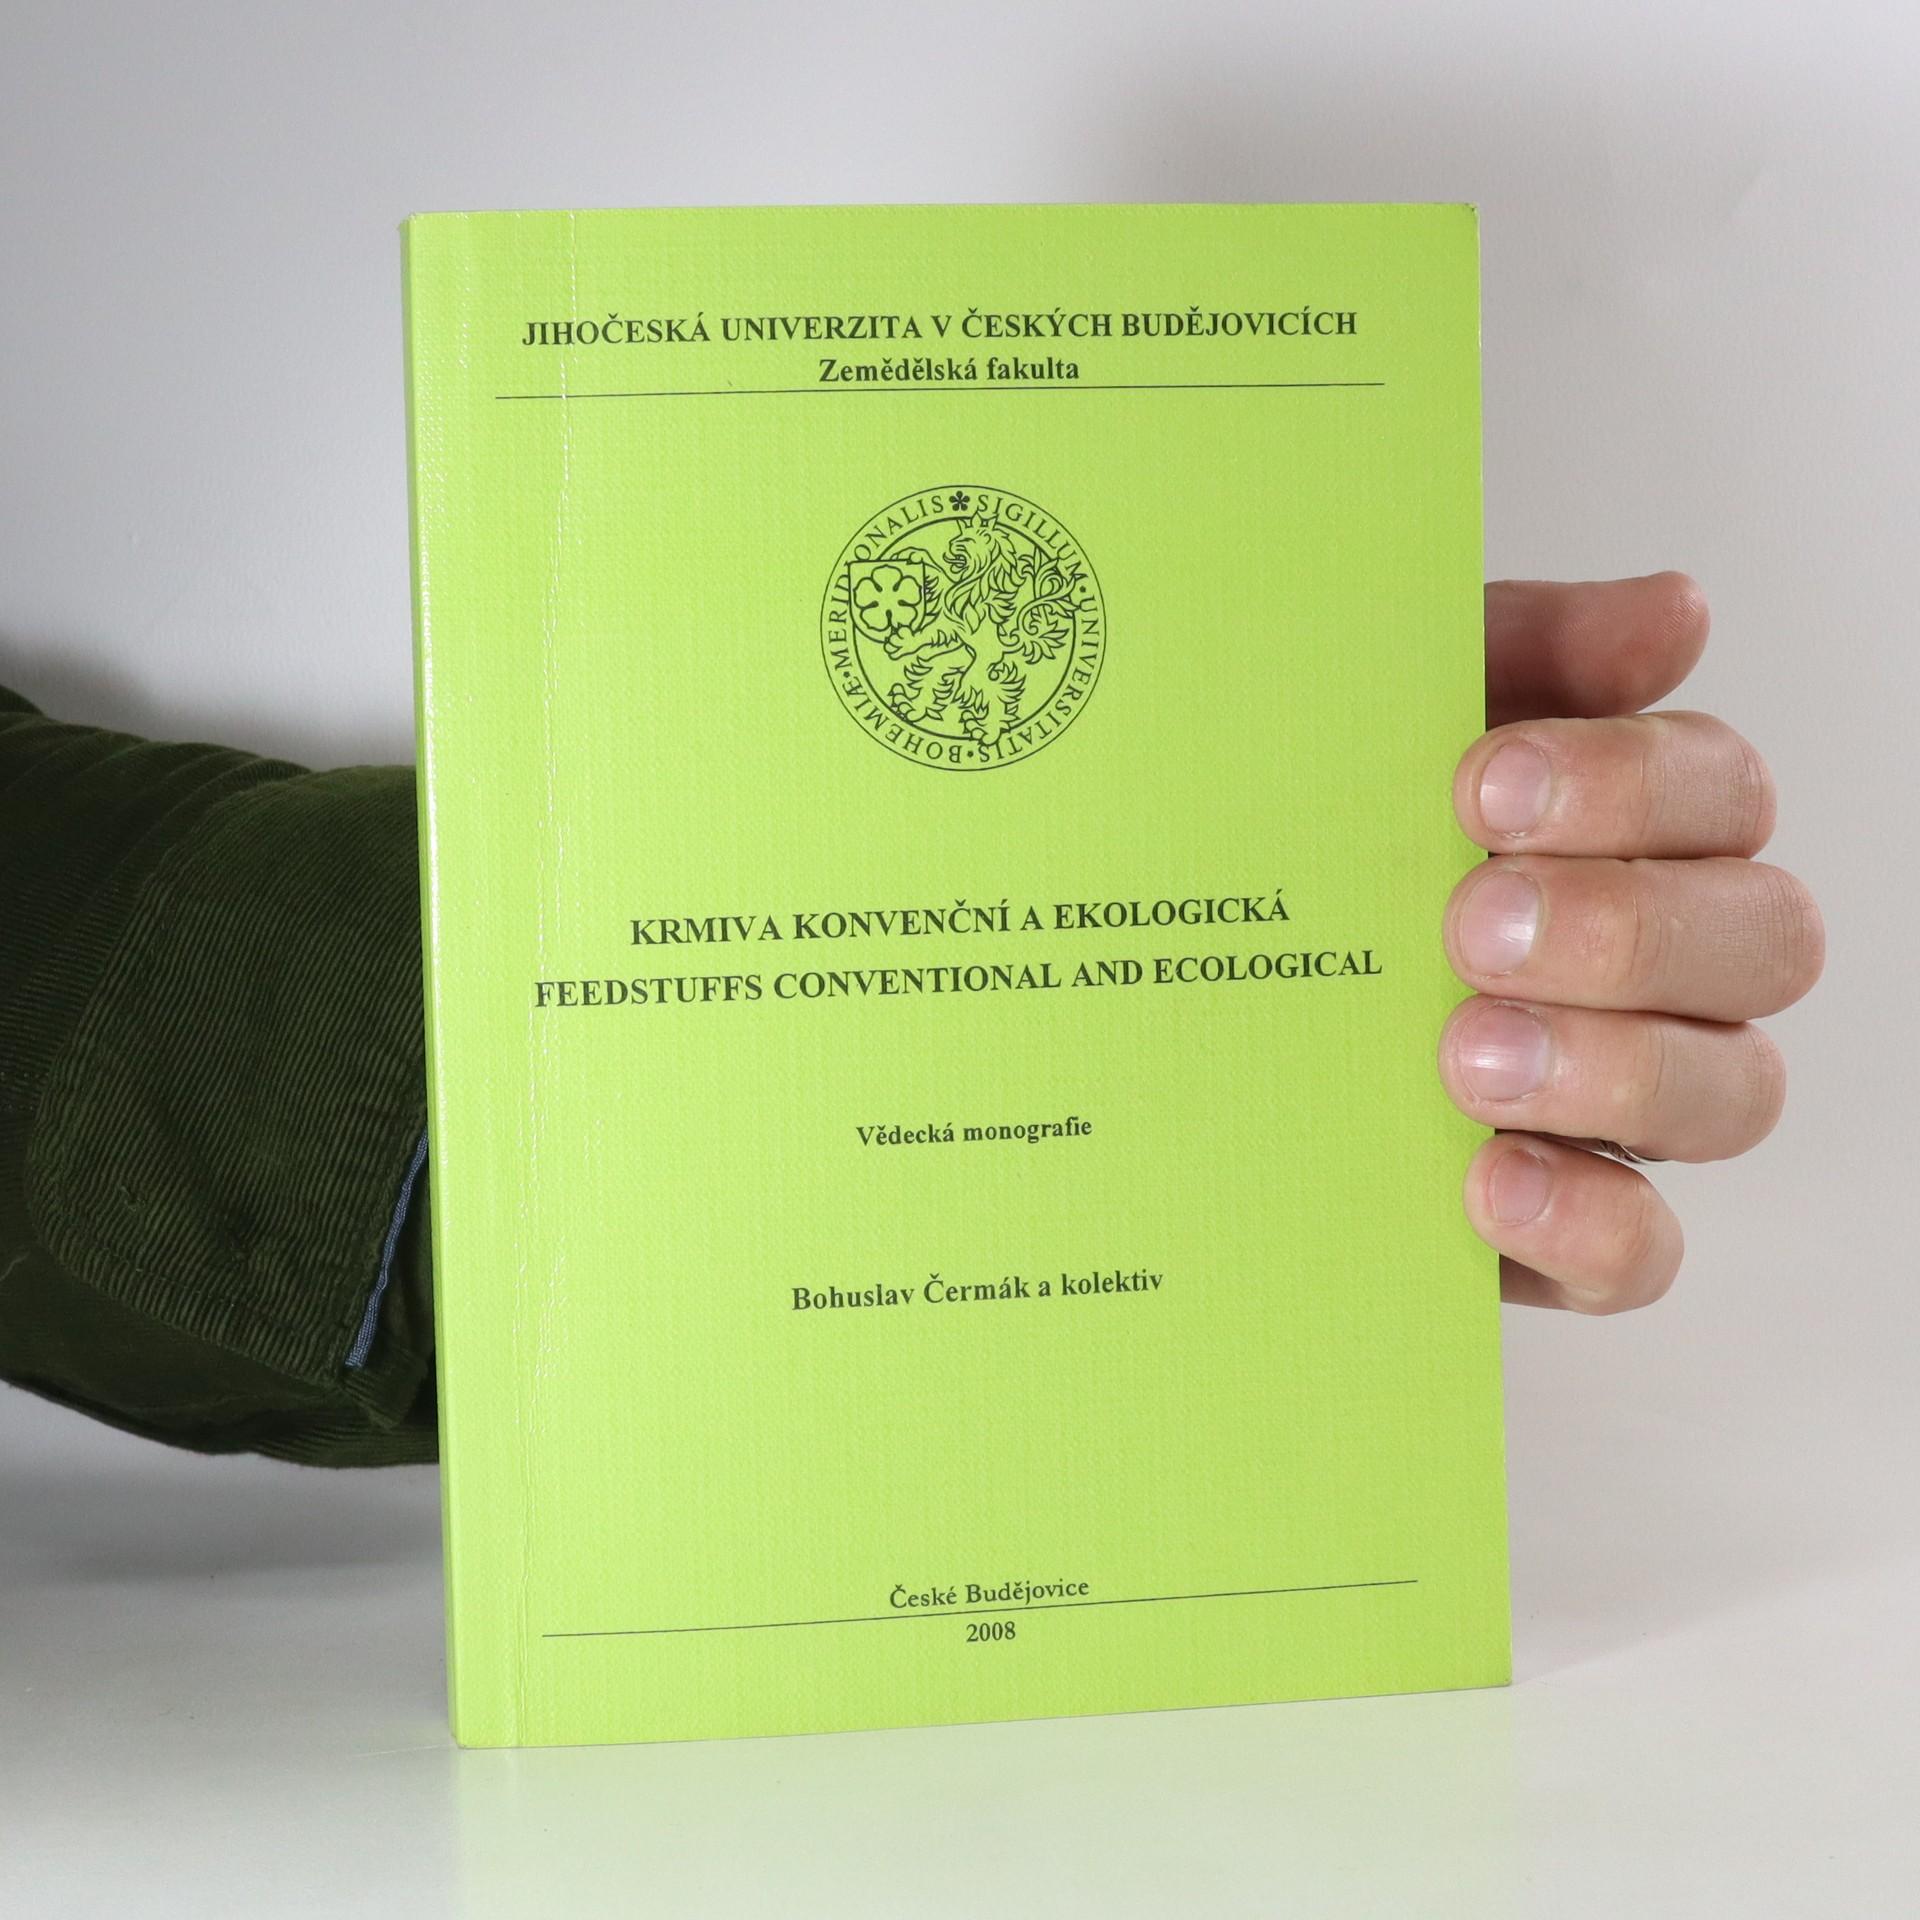 antikvární kniha Krmiva konvenční a ekologická. Feedstuffs conventional and ecological, neuveden